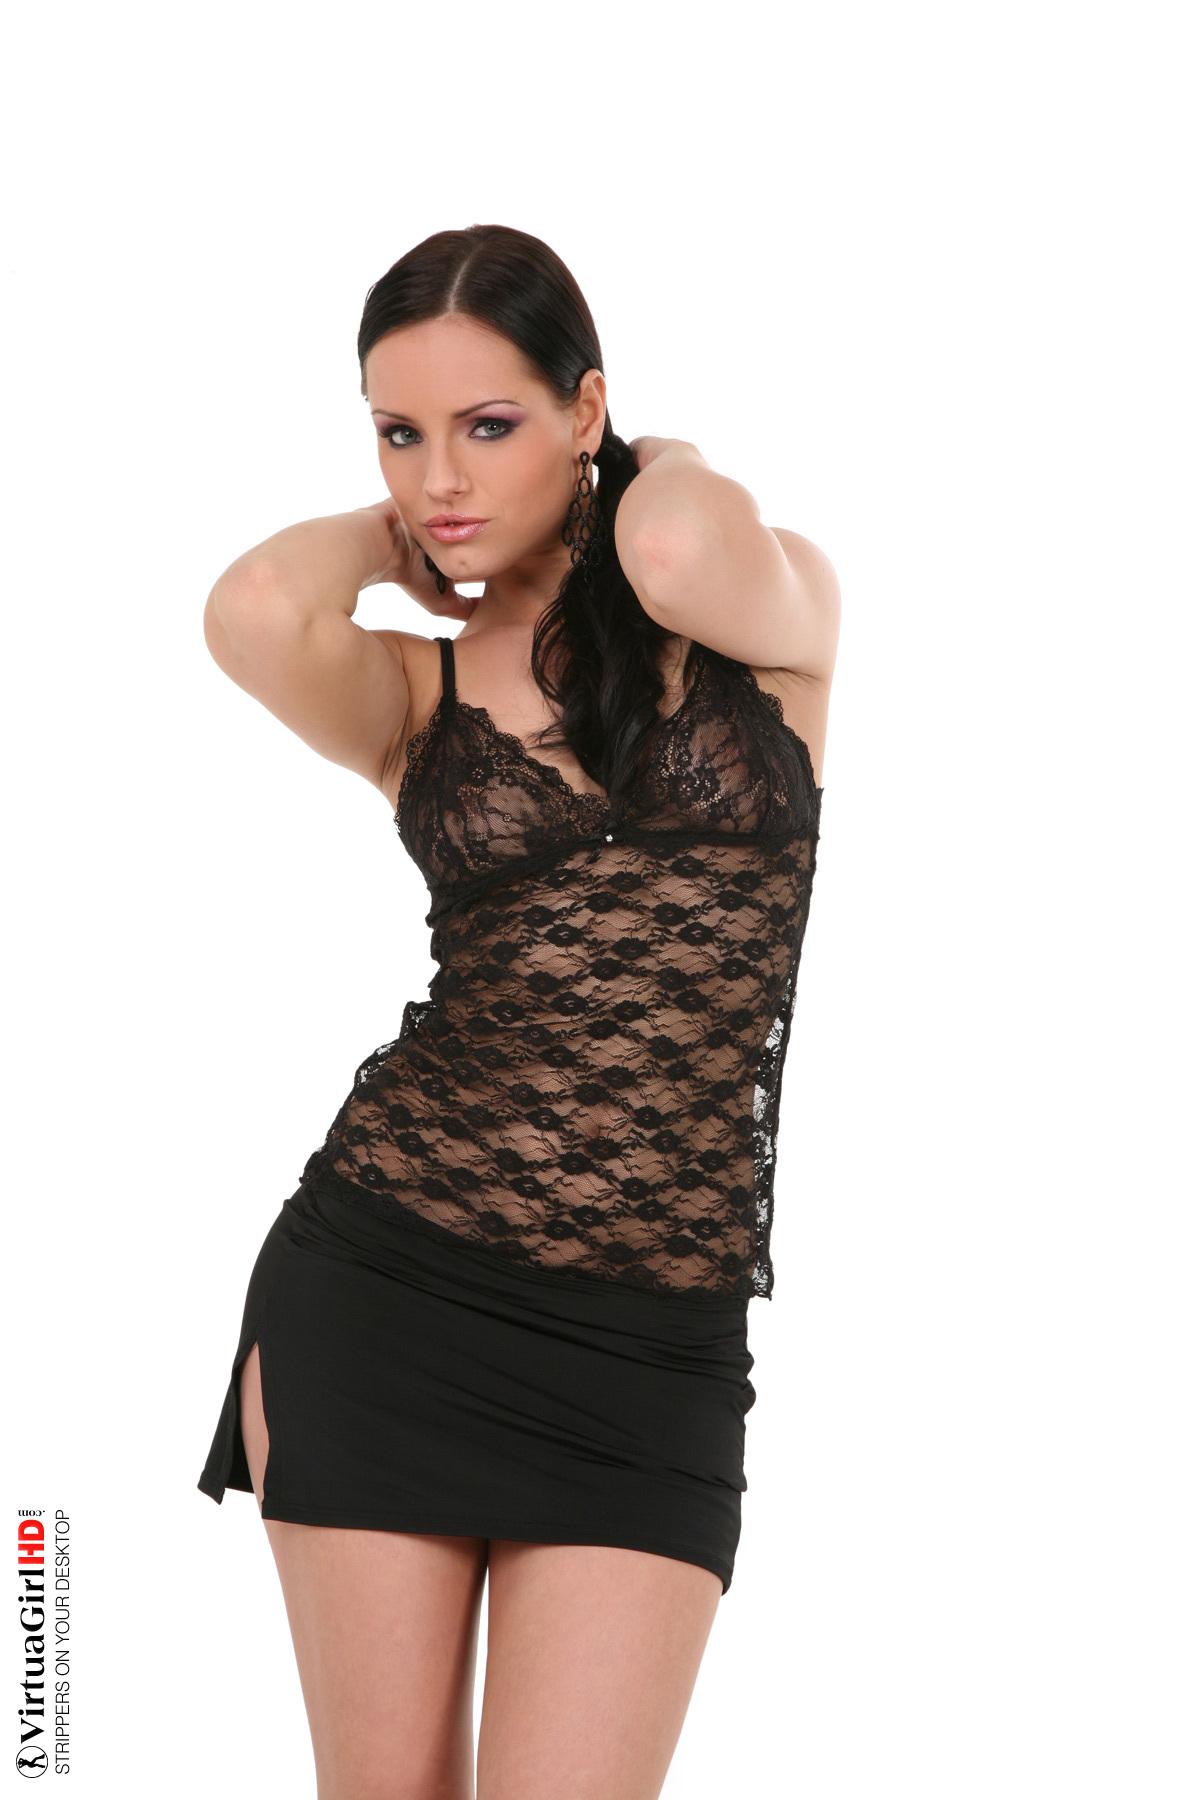 hot latina girls stripping